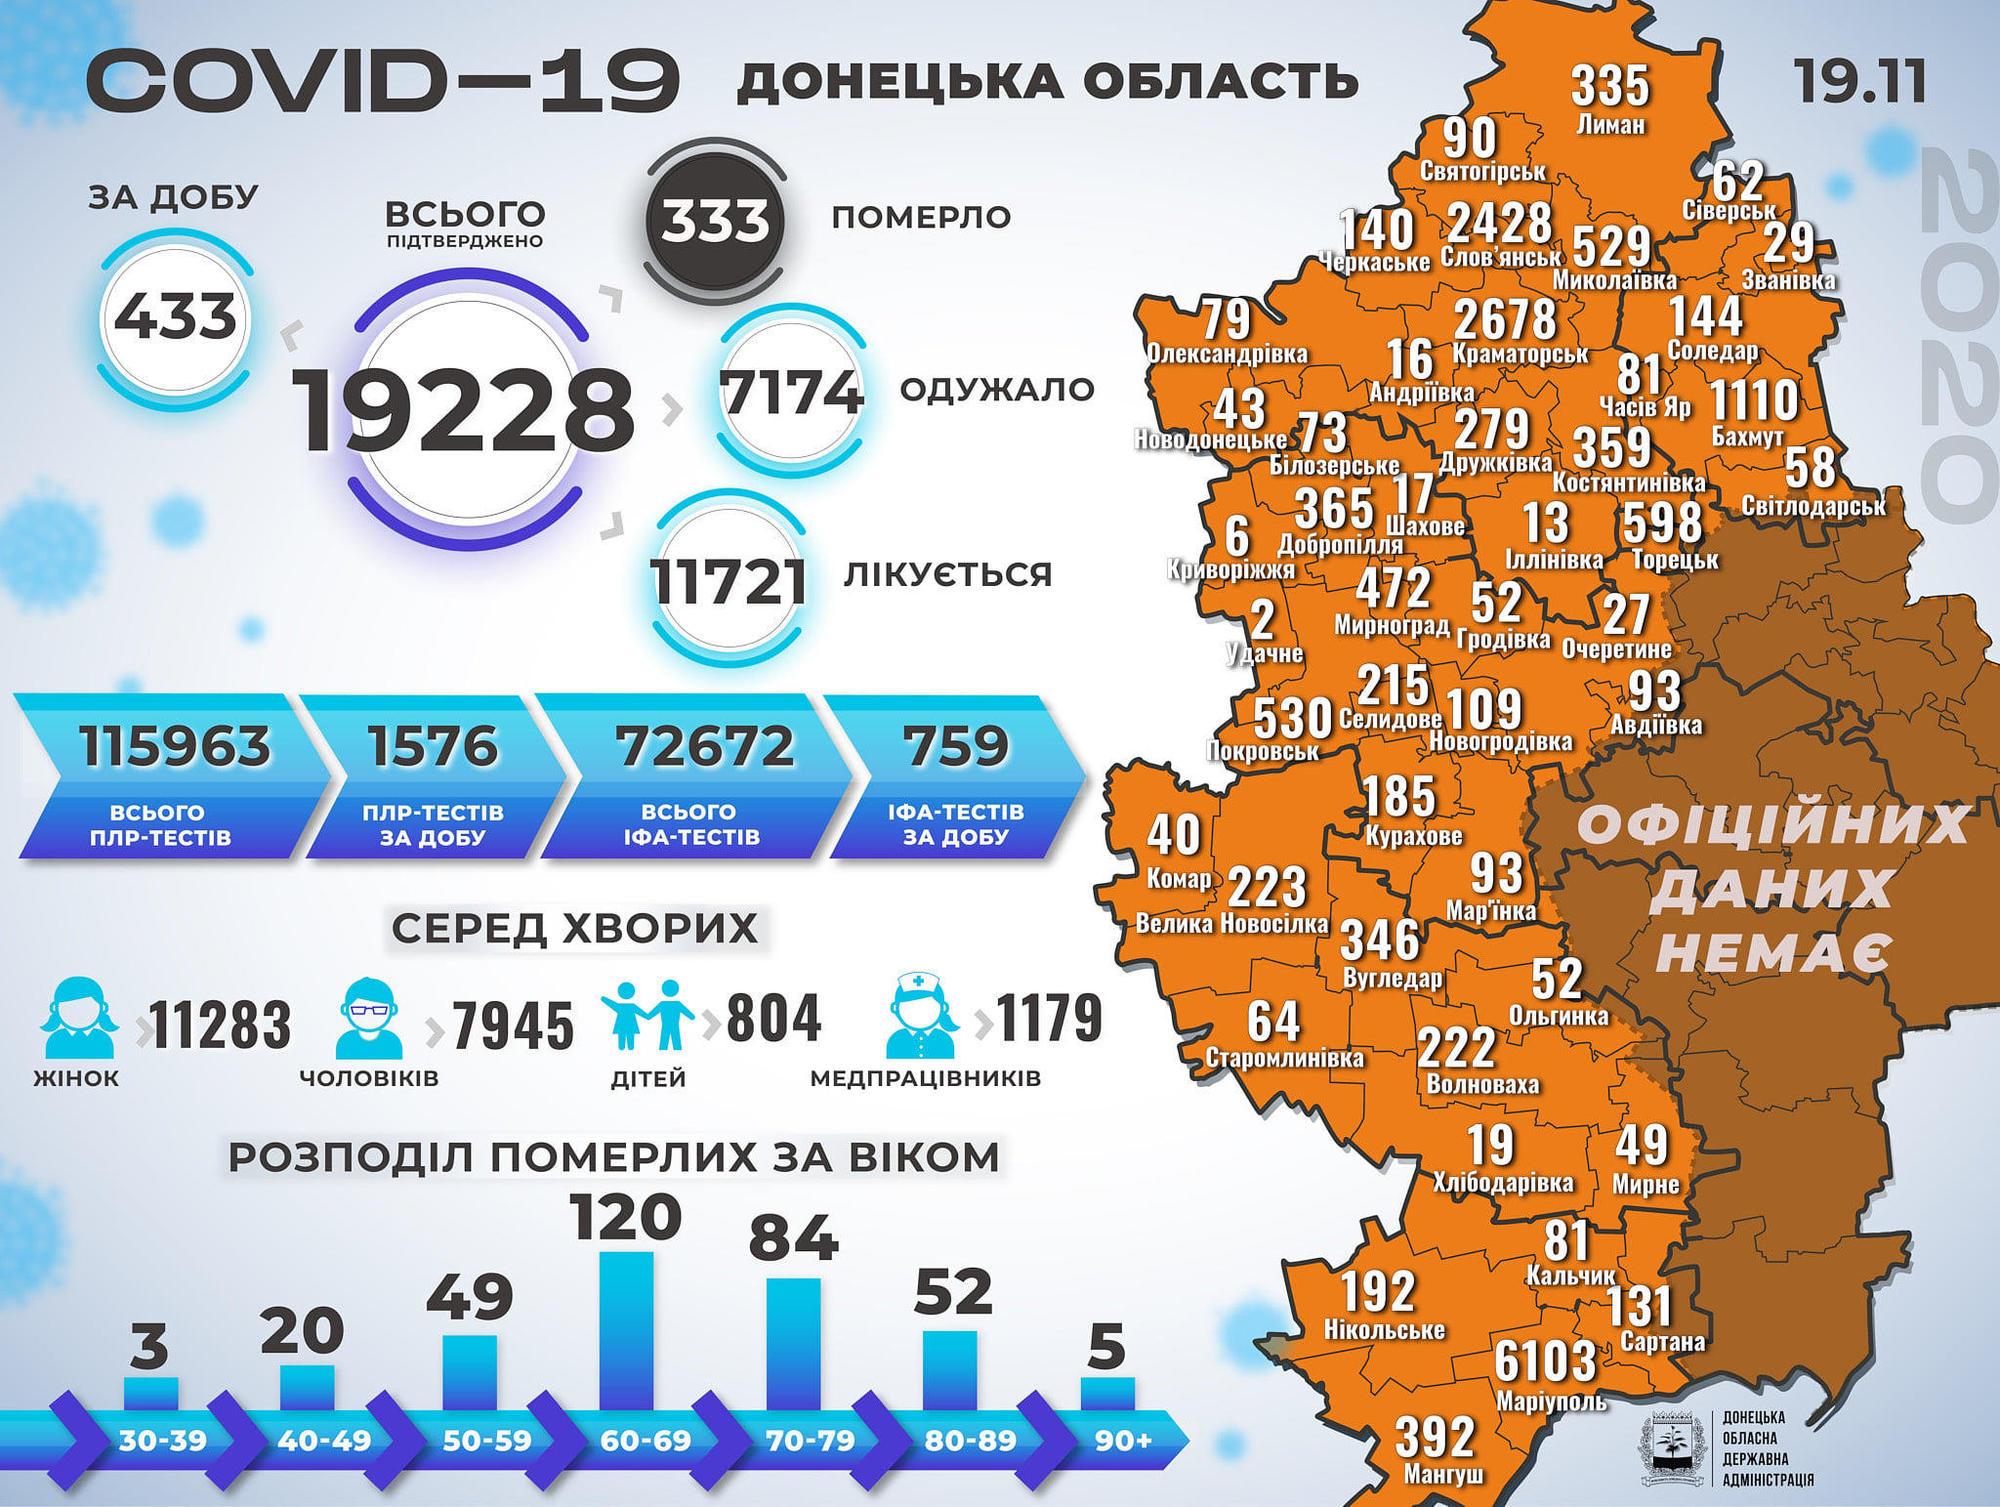 COVID-19 эпидситуация Донецкая область на 20 ноября инфографика